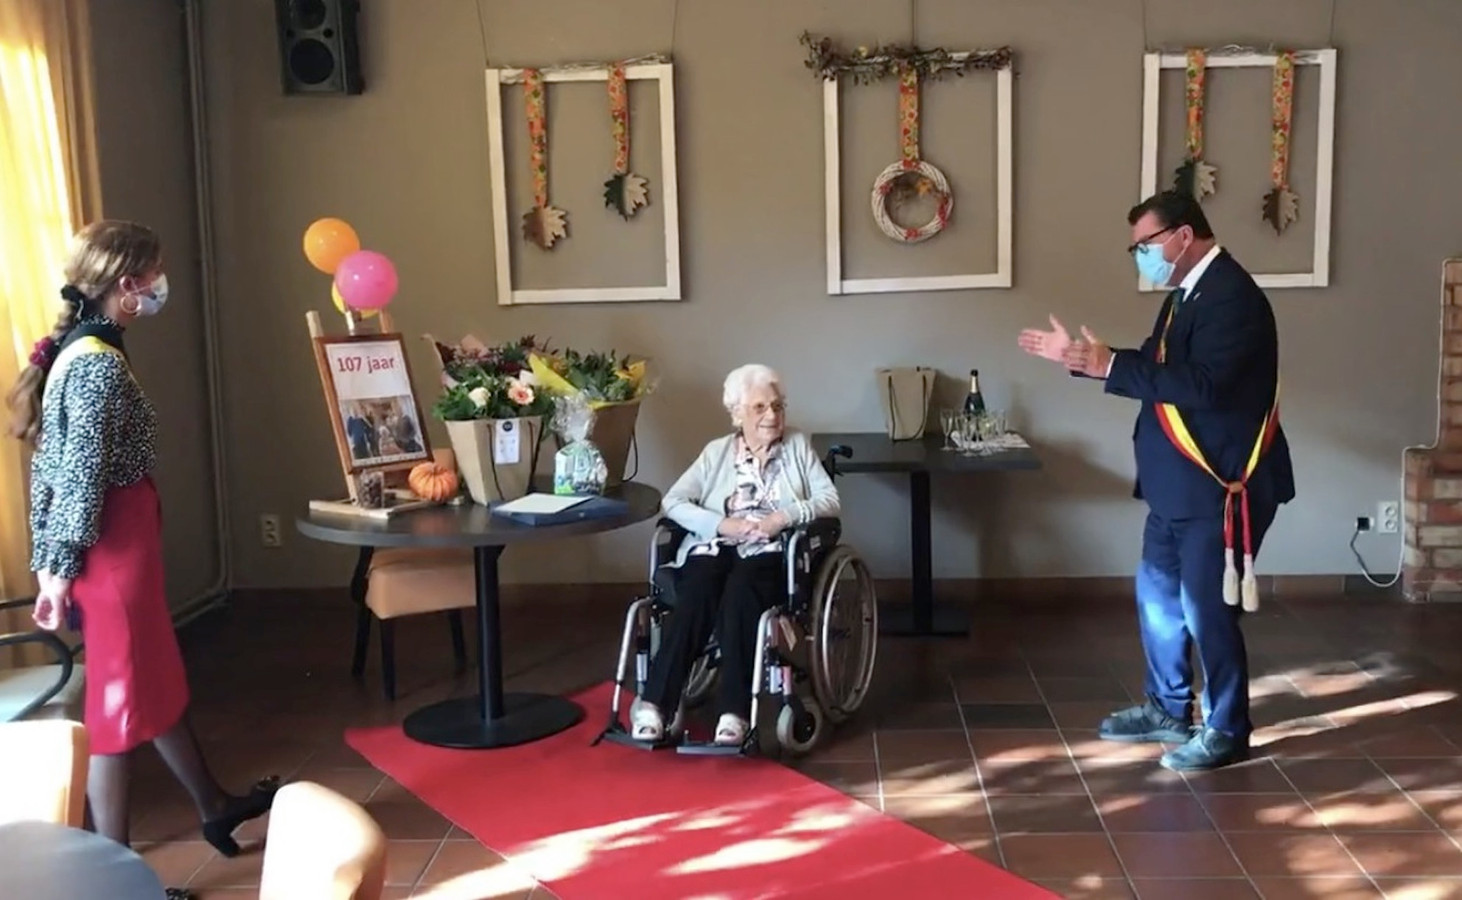 Burgemeester Tommelein brengt 'Leef' voor de 107-jarige Angela.